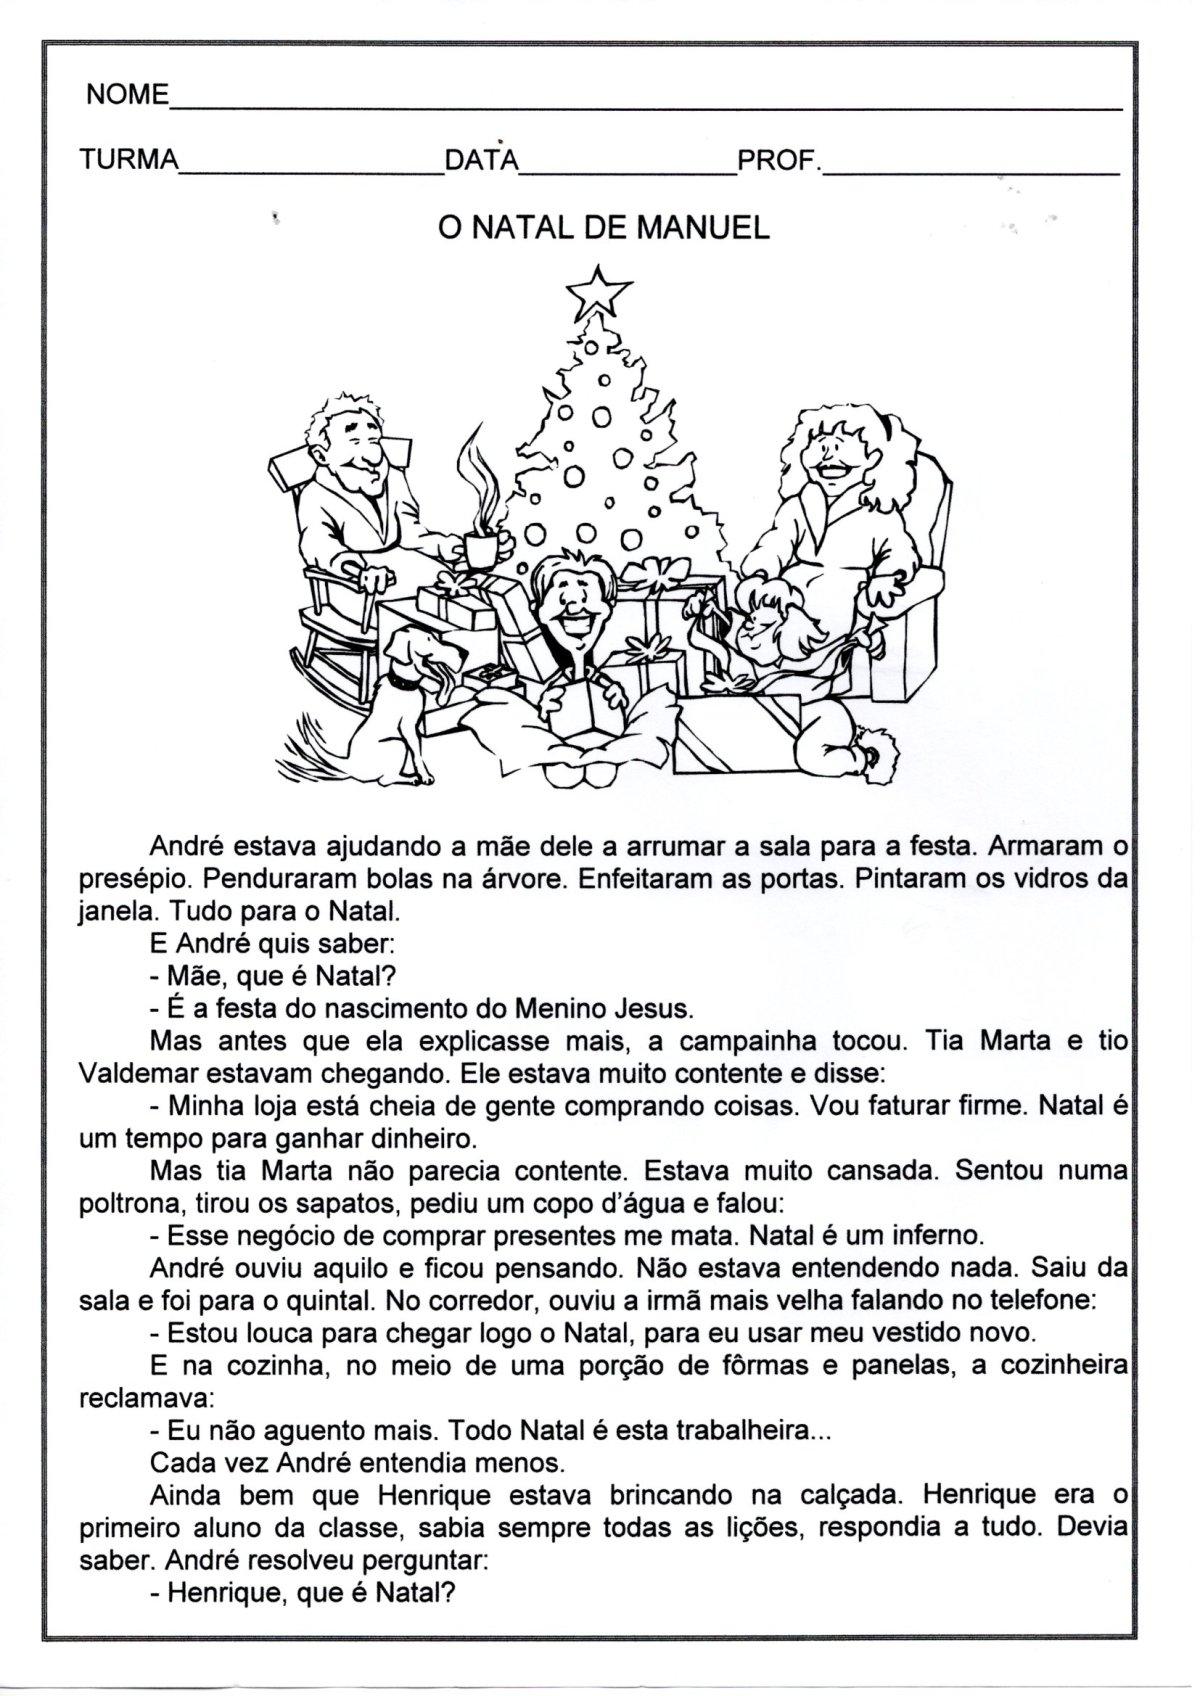 Avaliação de Língua Portuguesa-Leitura e Interpretação-Texto sobre o Natal-Parte 1